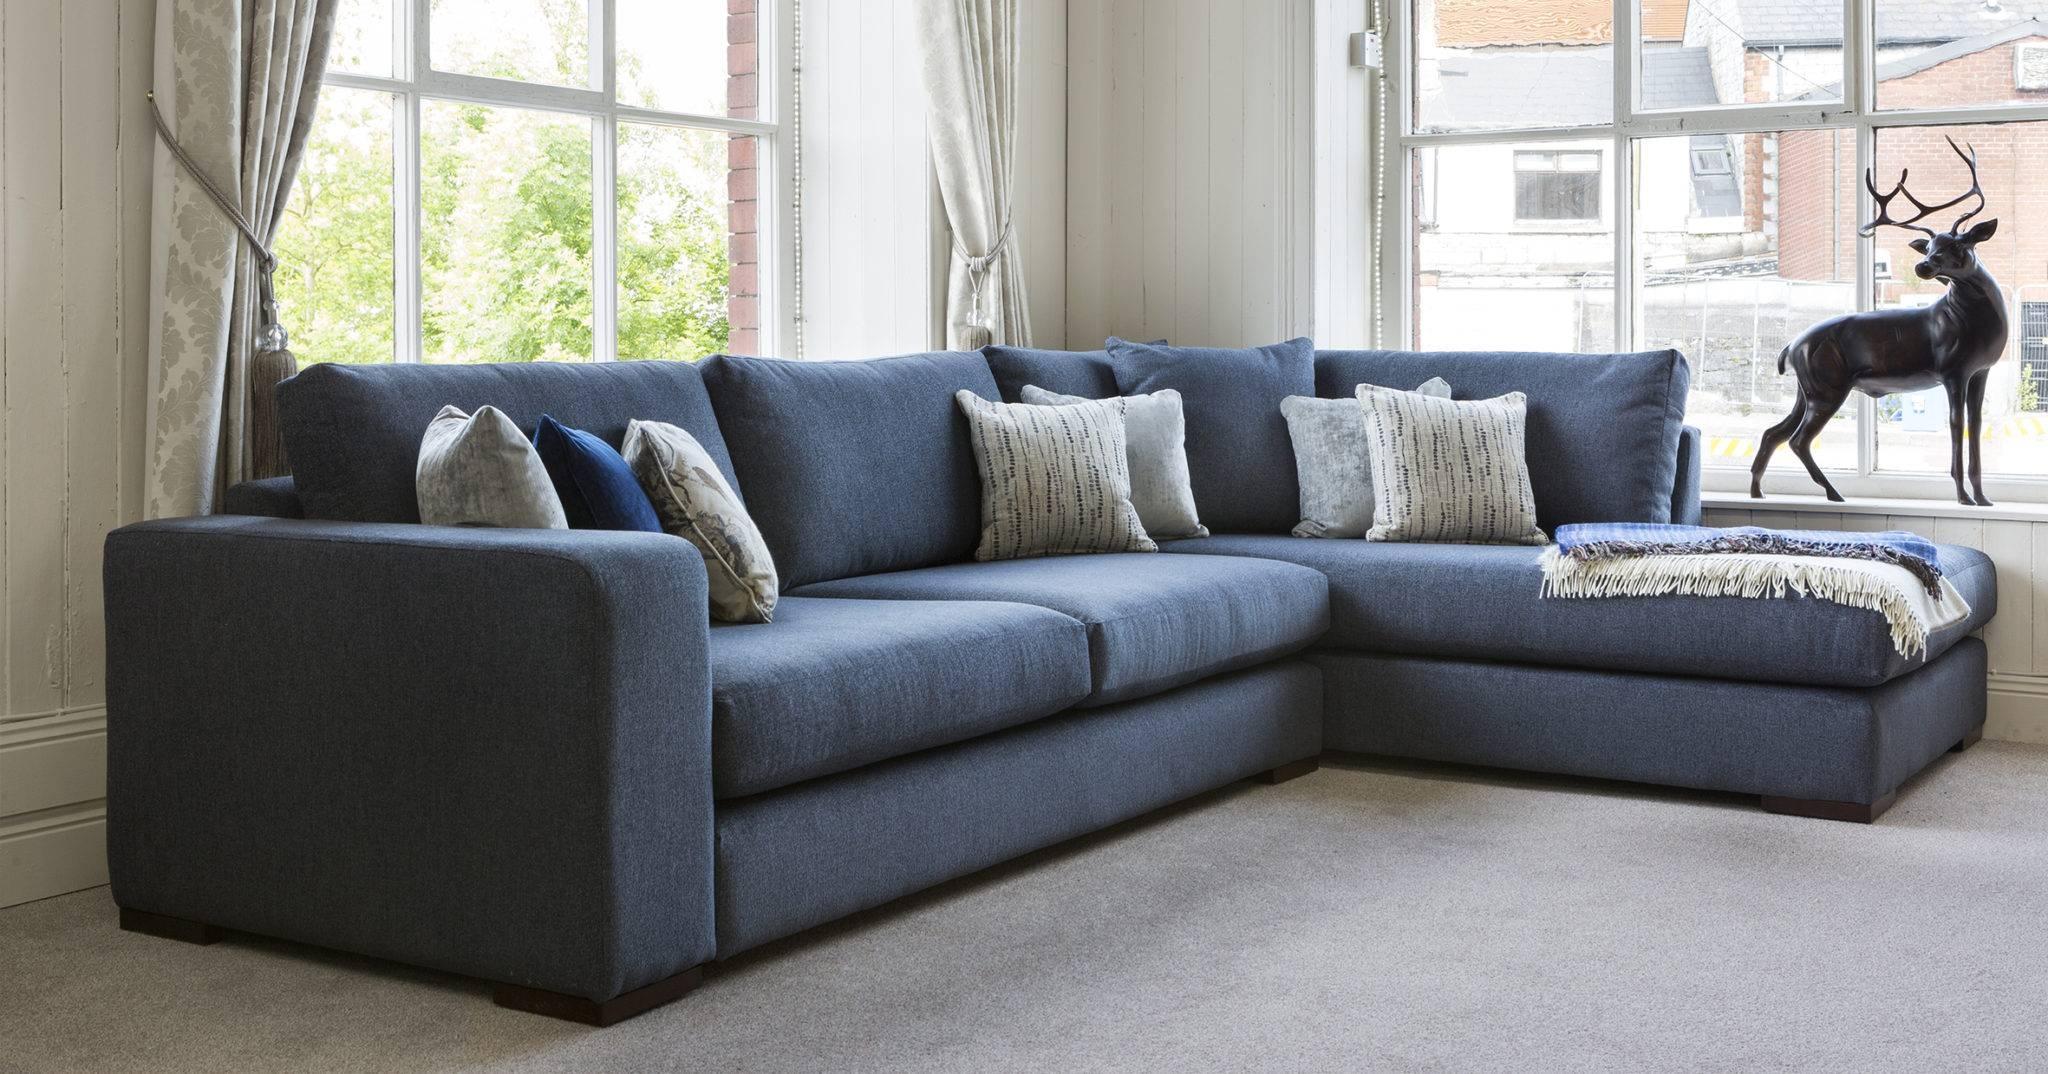 Handmade Irish Sofas, Corner Sofas, Chairs, Furniture Ireland throughout Corner Sofa and Swivel Chairs (Image 19 of 30)